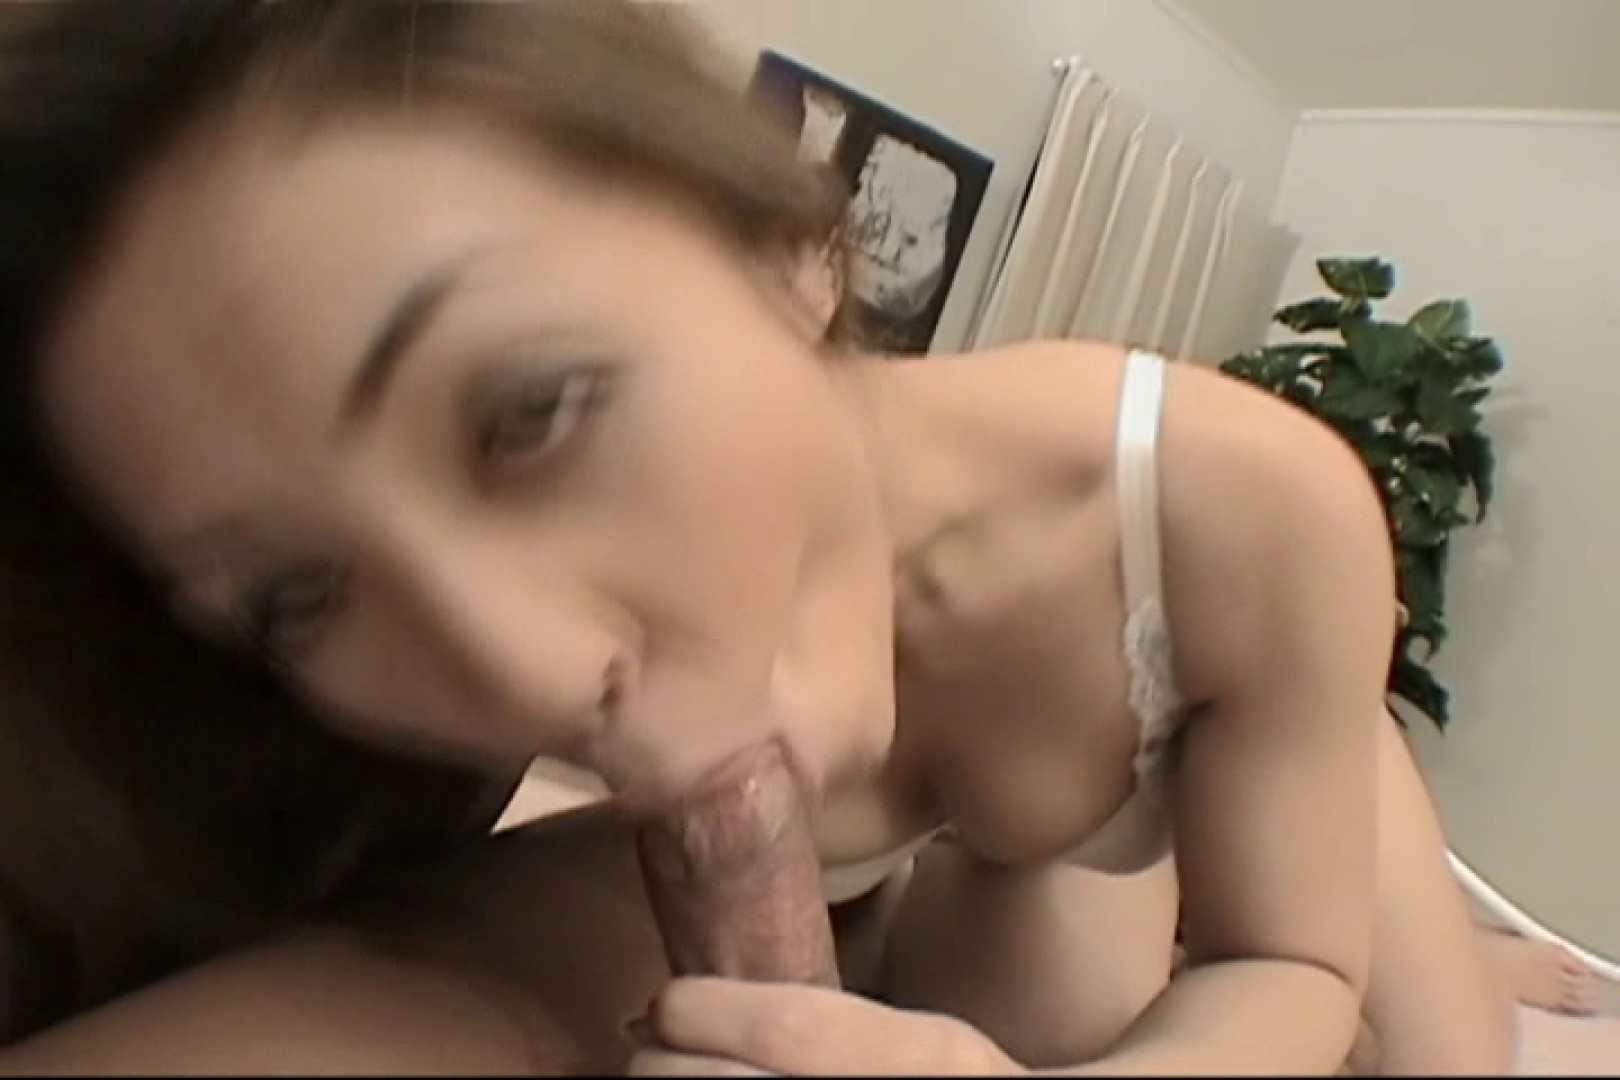 巨乳を揺らして彼とハメ撮り~村田ゆき~ バイブプレイ AV動画キャプチャ 109pic 104